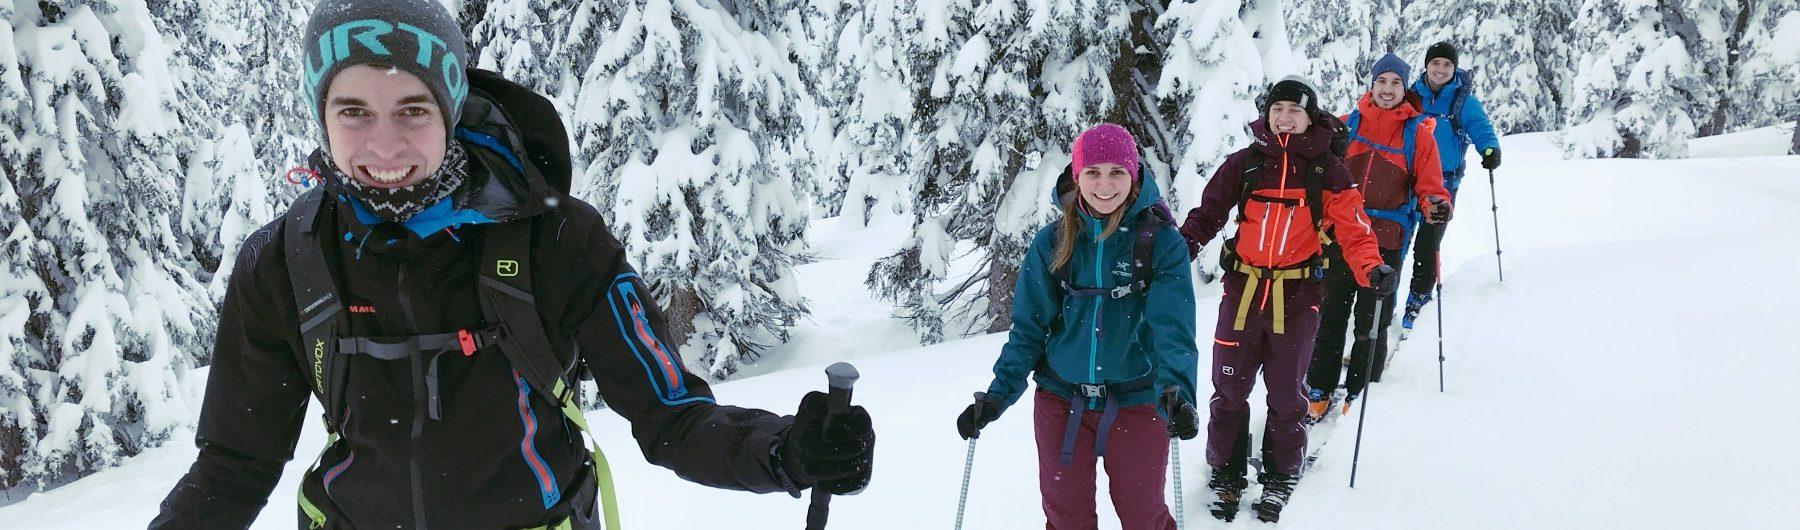 Einsteiger Skitouren auf der Planneralm